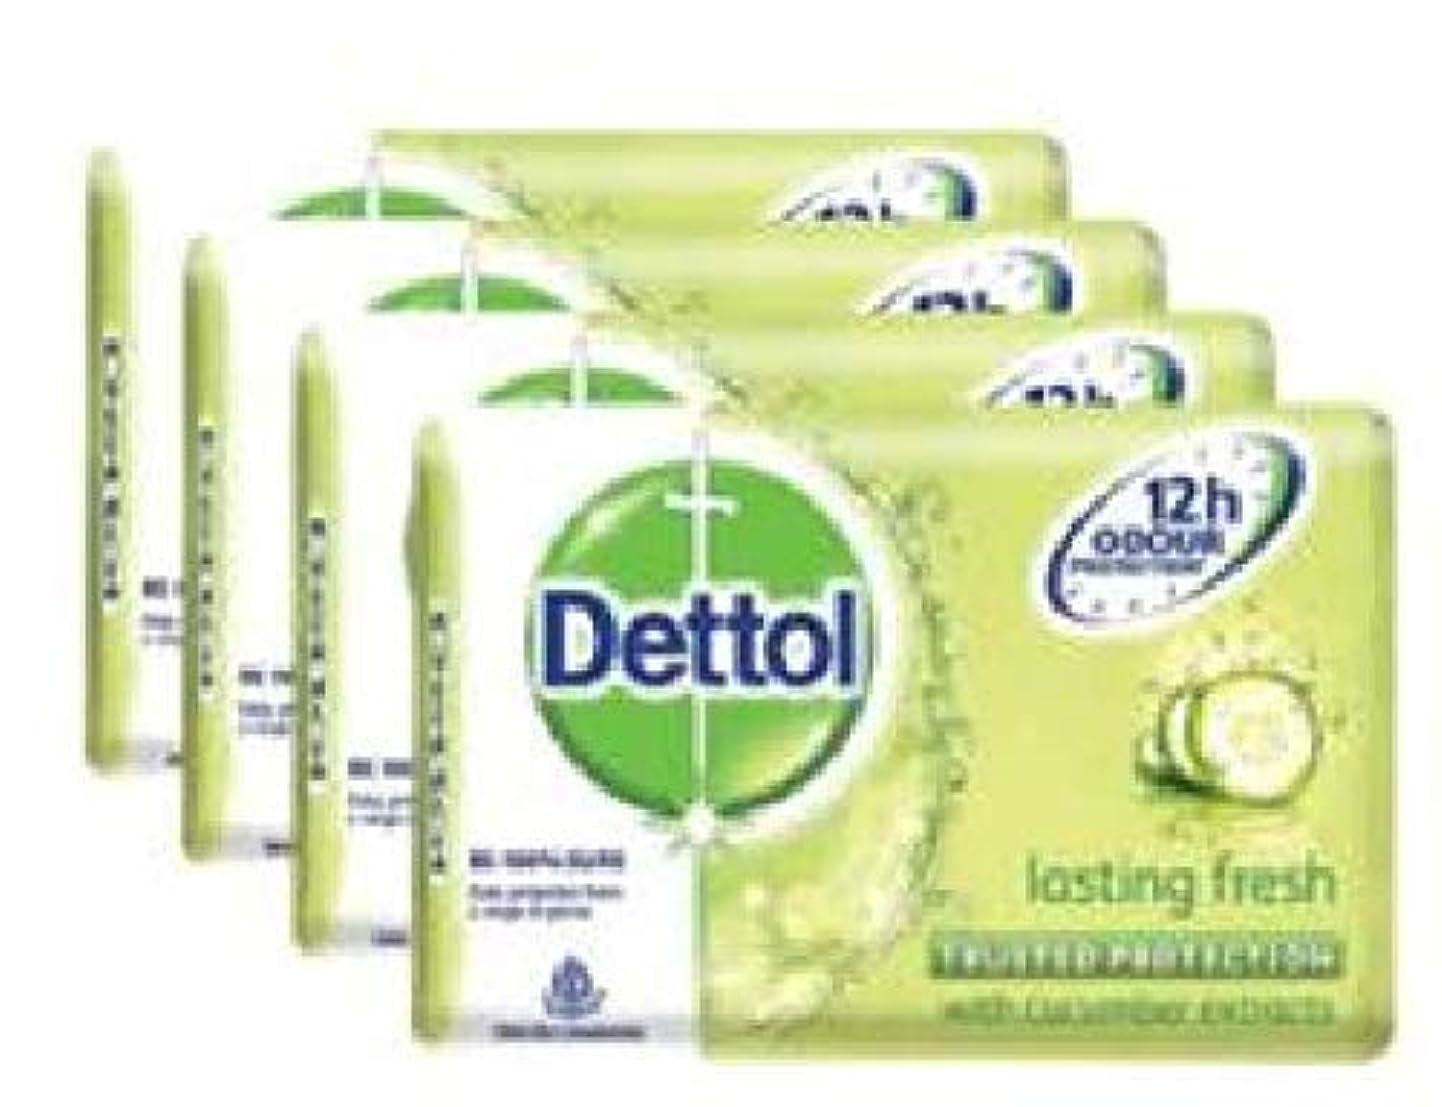 塗抹アスペクト誓約Dettol 新鮮4x105g-を持続固形石鹸は、あなたが自由生殖続け、石鹸は肌にもとても優しいです